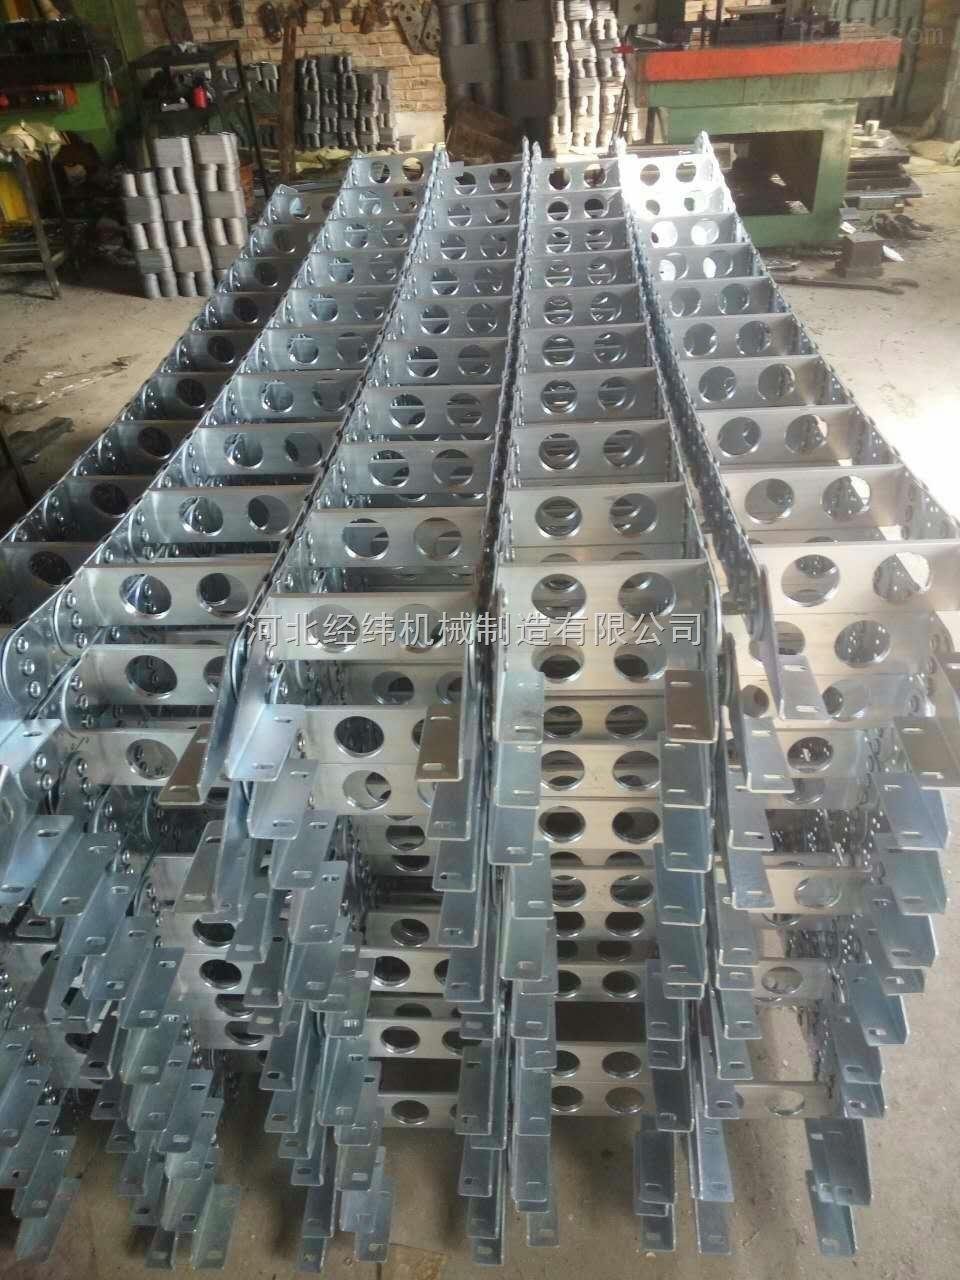 钻机专用油管钢制拖链 油管钢制拖链厂家热销